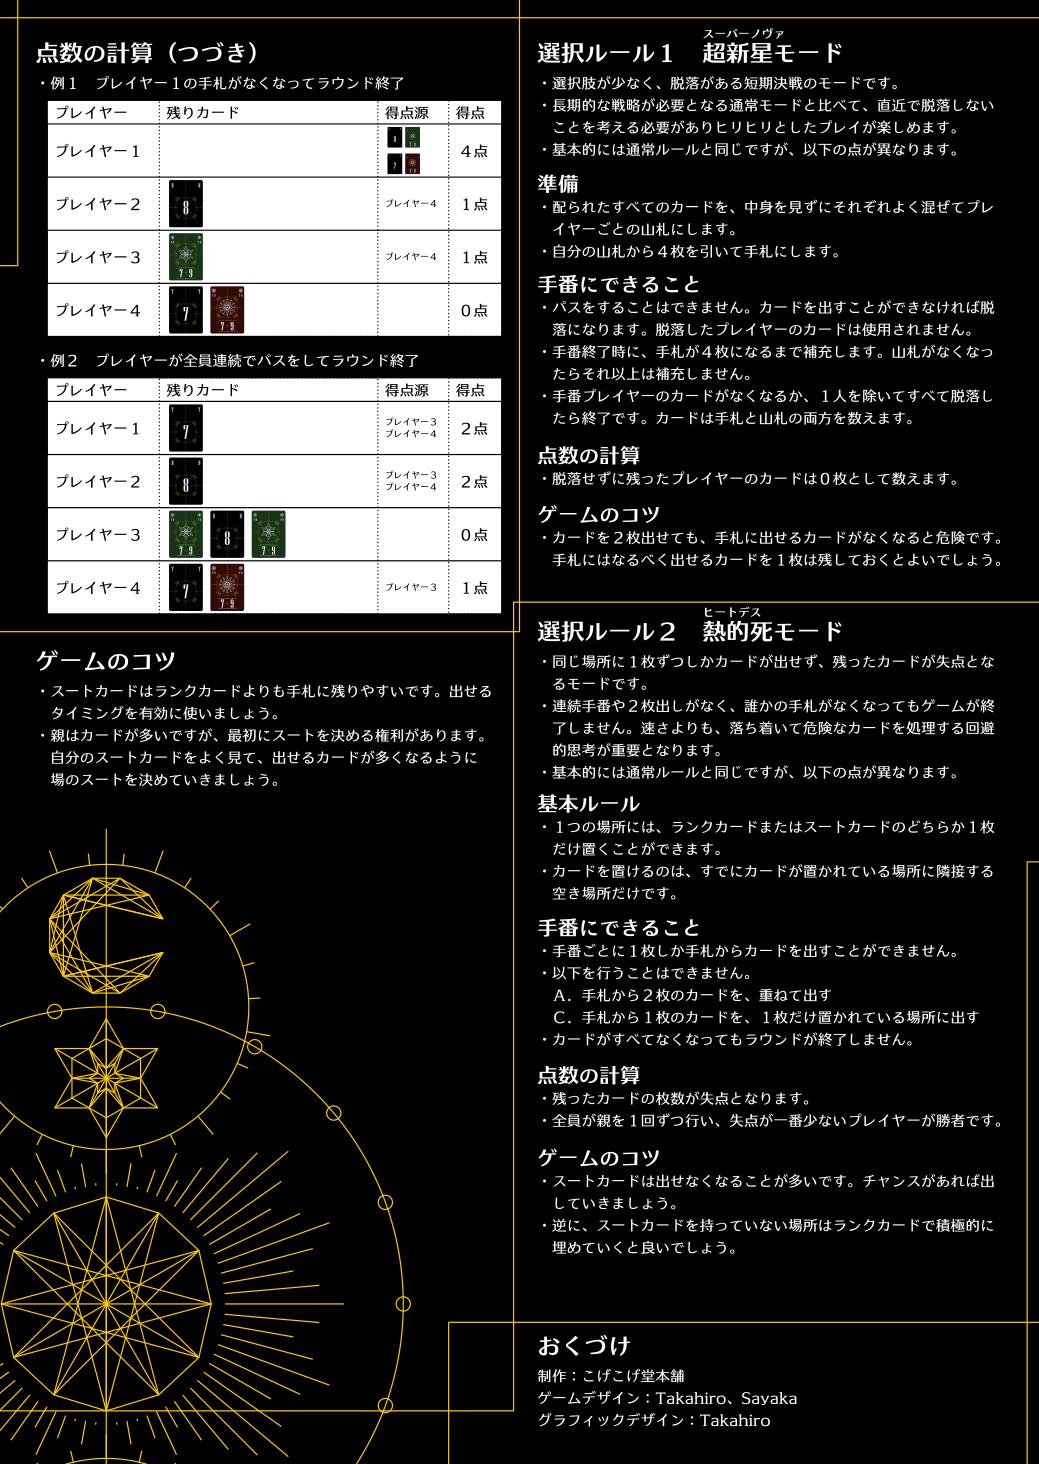 ルールブック2ページ目